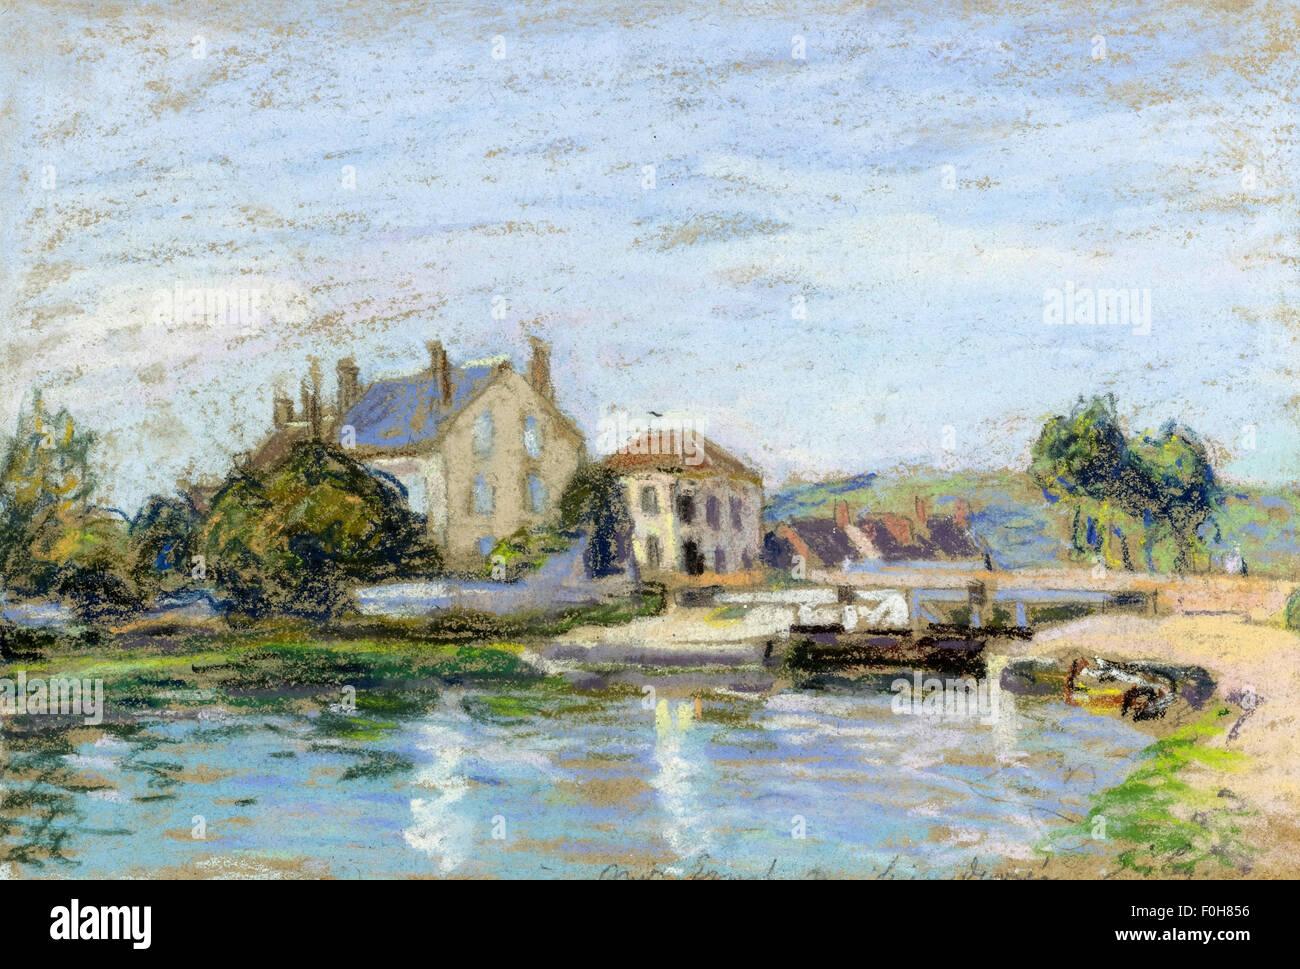 Alfred Sisley - Maisons au Bord de l'Écluse de la Gazonne - Stock Image